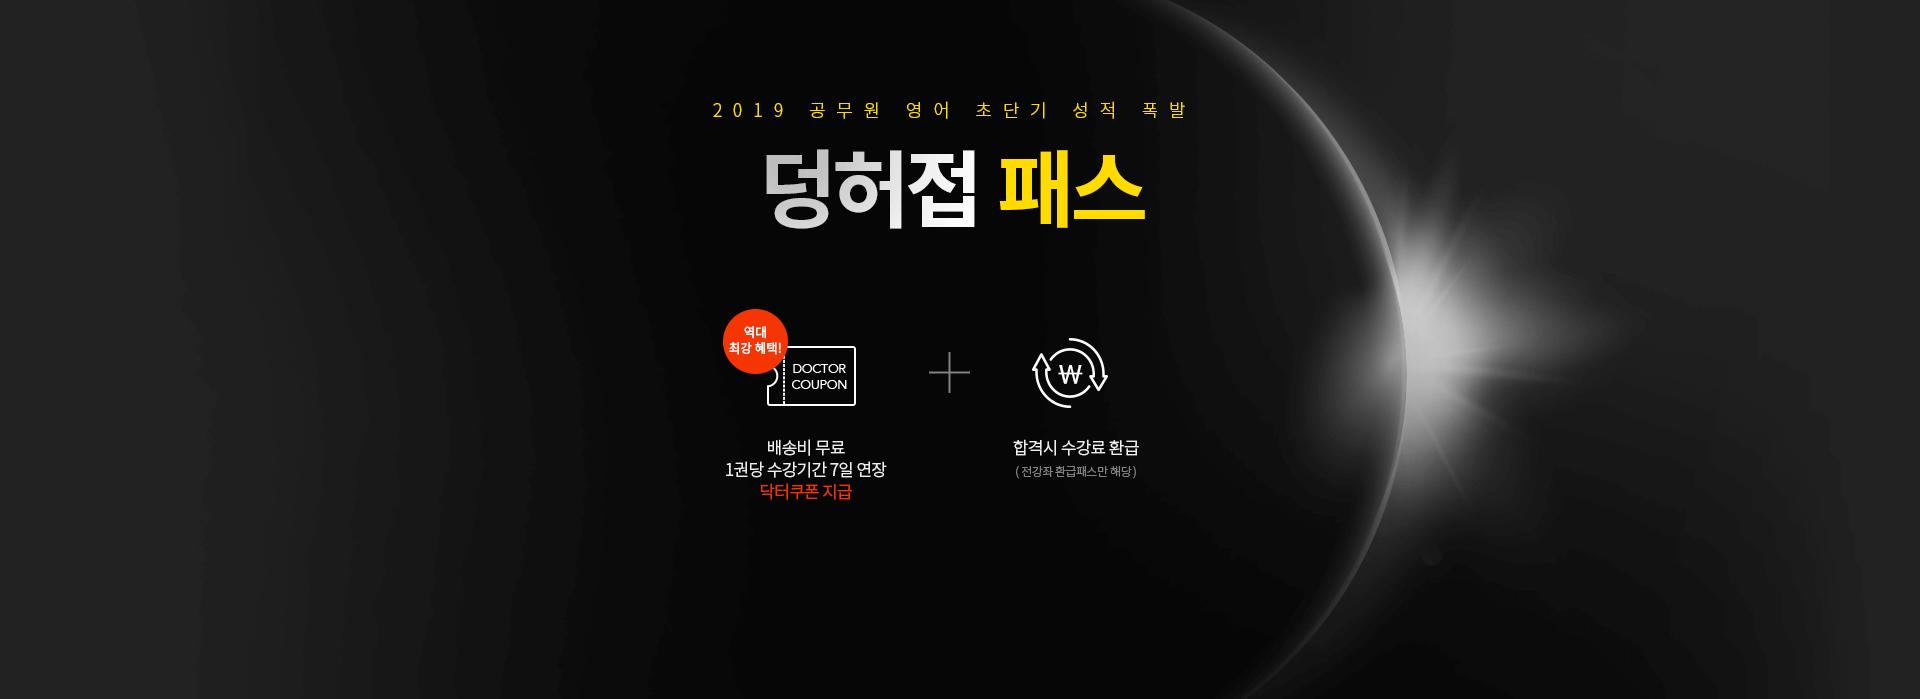 4_2019 덩허접 패스